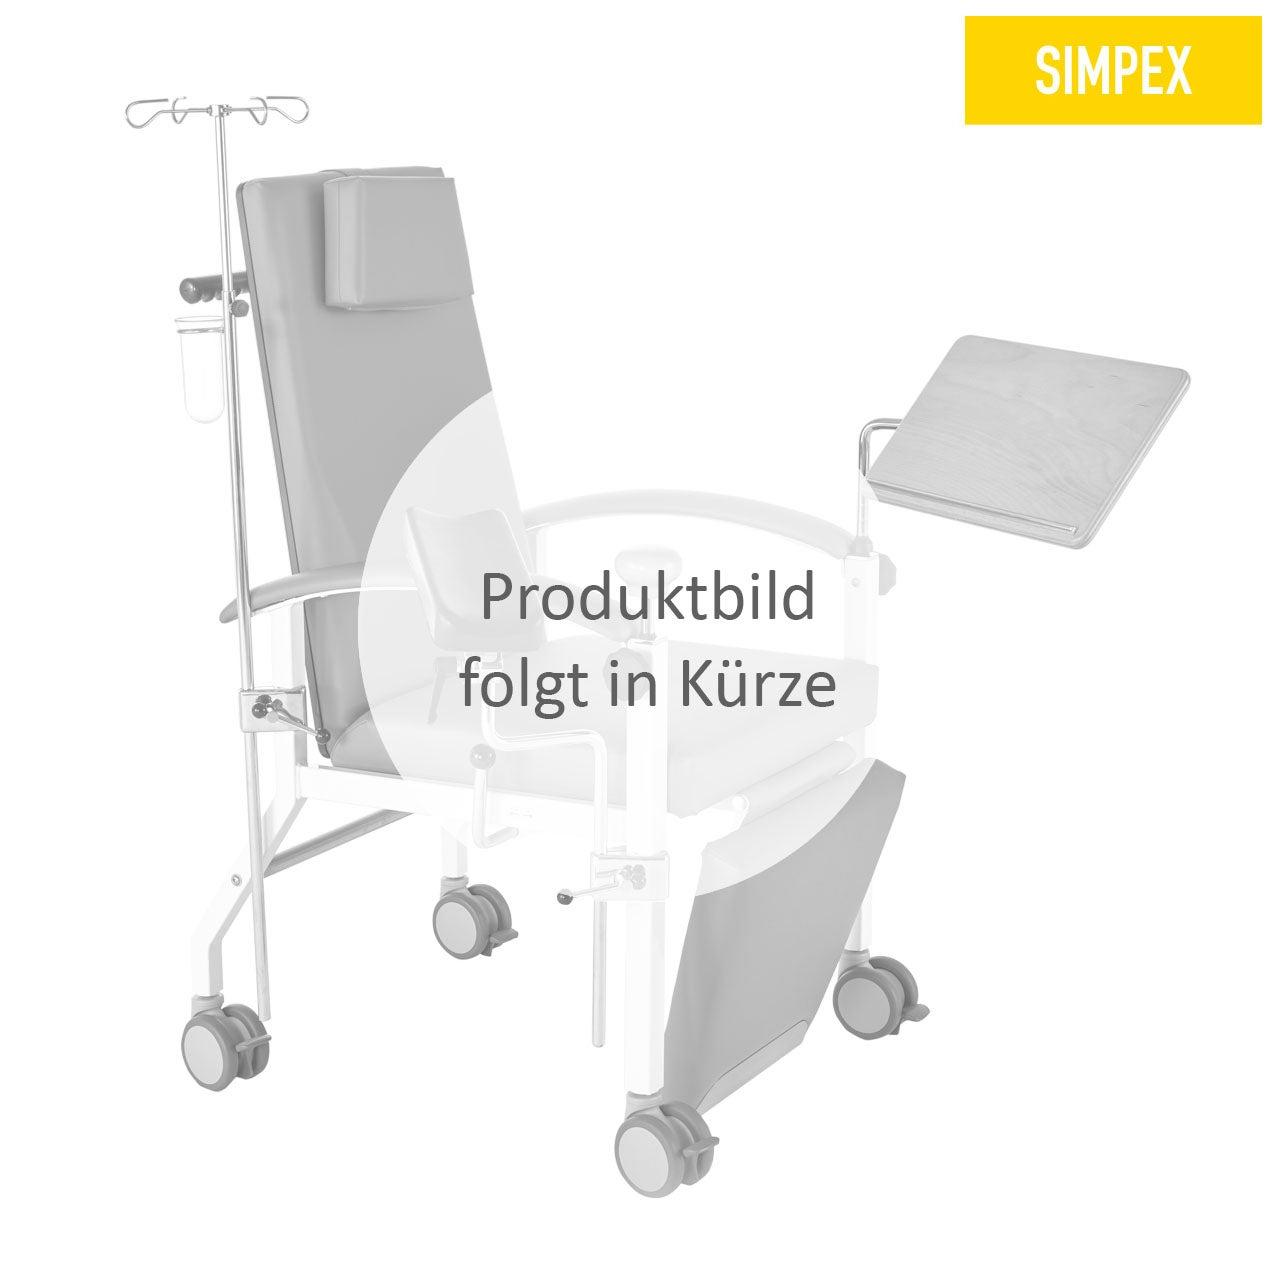 Blutentnahmestuhl Sessel HAEMO-STAT Cuneo XXL Mobil mit Kunstleder in gelb (mais) und einem Gestell aus Stahl grauweiß gepulvert von SIMPEX